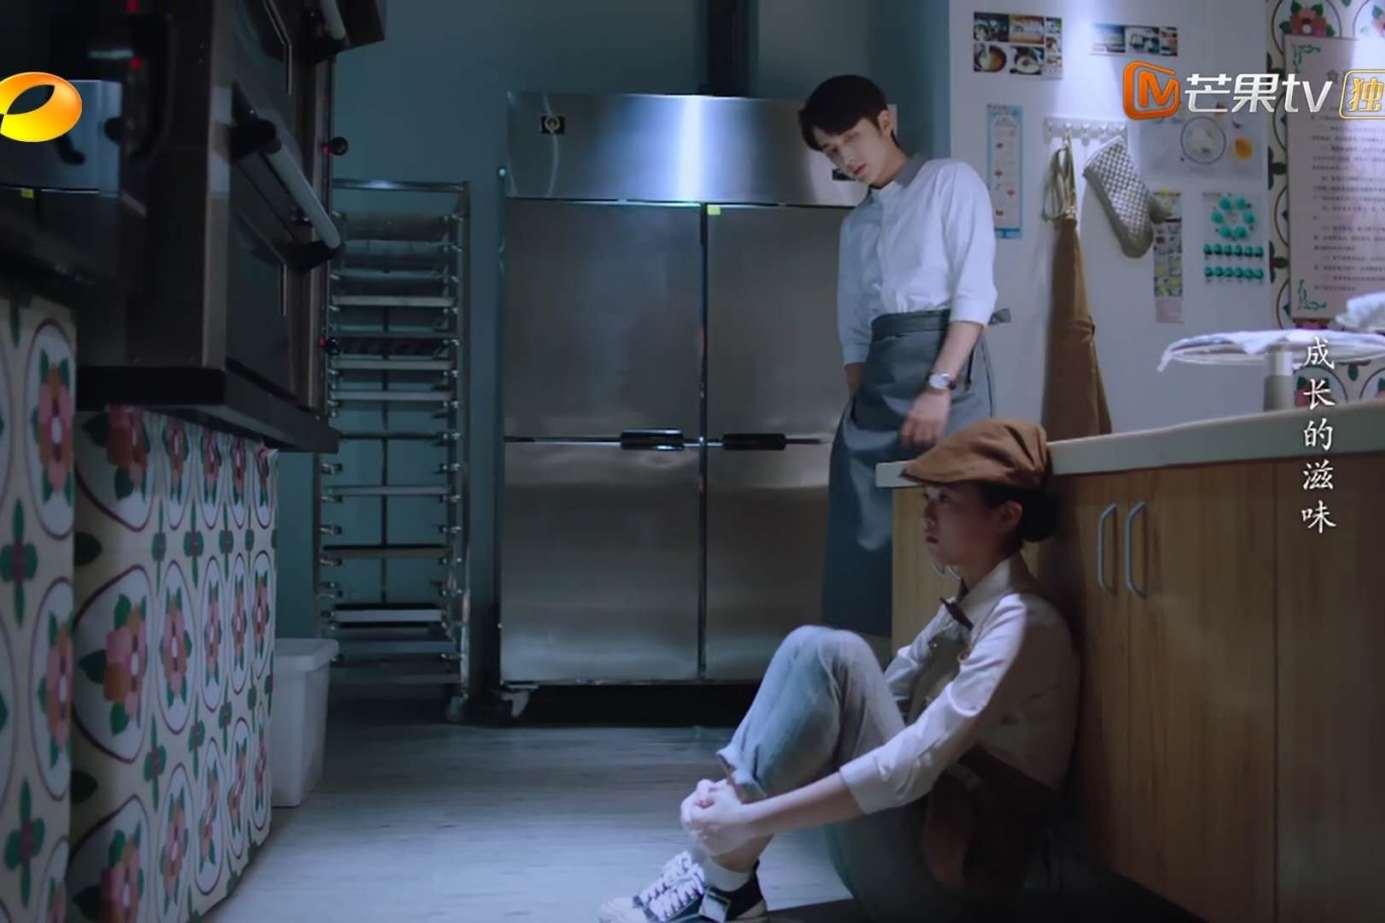 小橙子愛上子秋,倒戈幫助李尖尖,唐燦一打扮,莊北看呆移情別戀-圖5